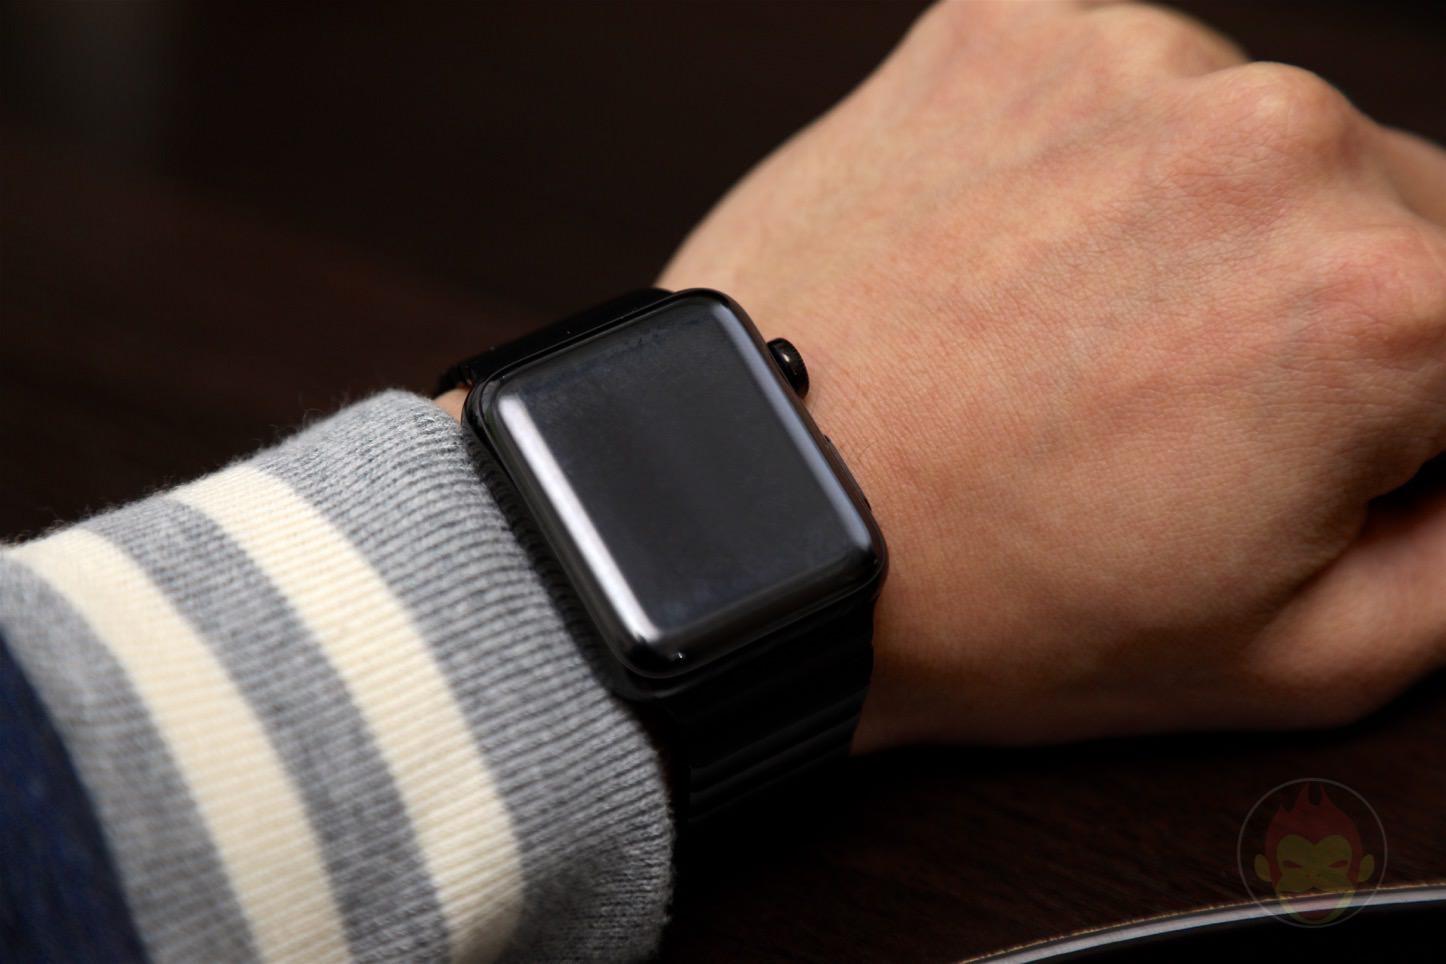 Using-Apple-Link-Bracelet-Black-06.jpg